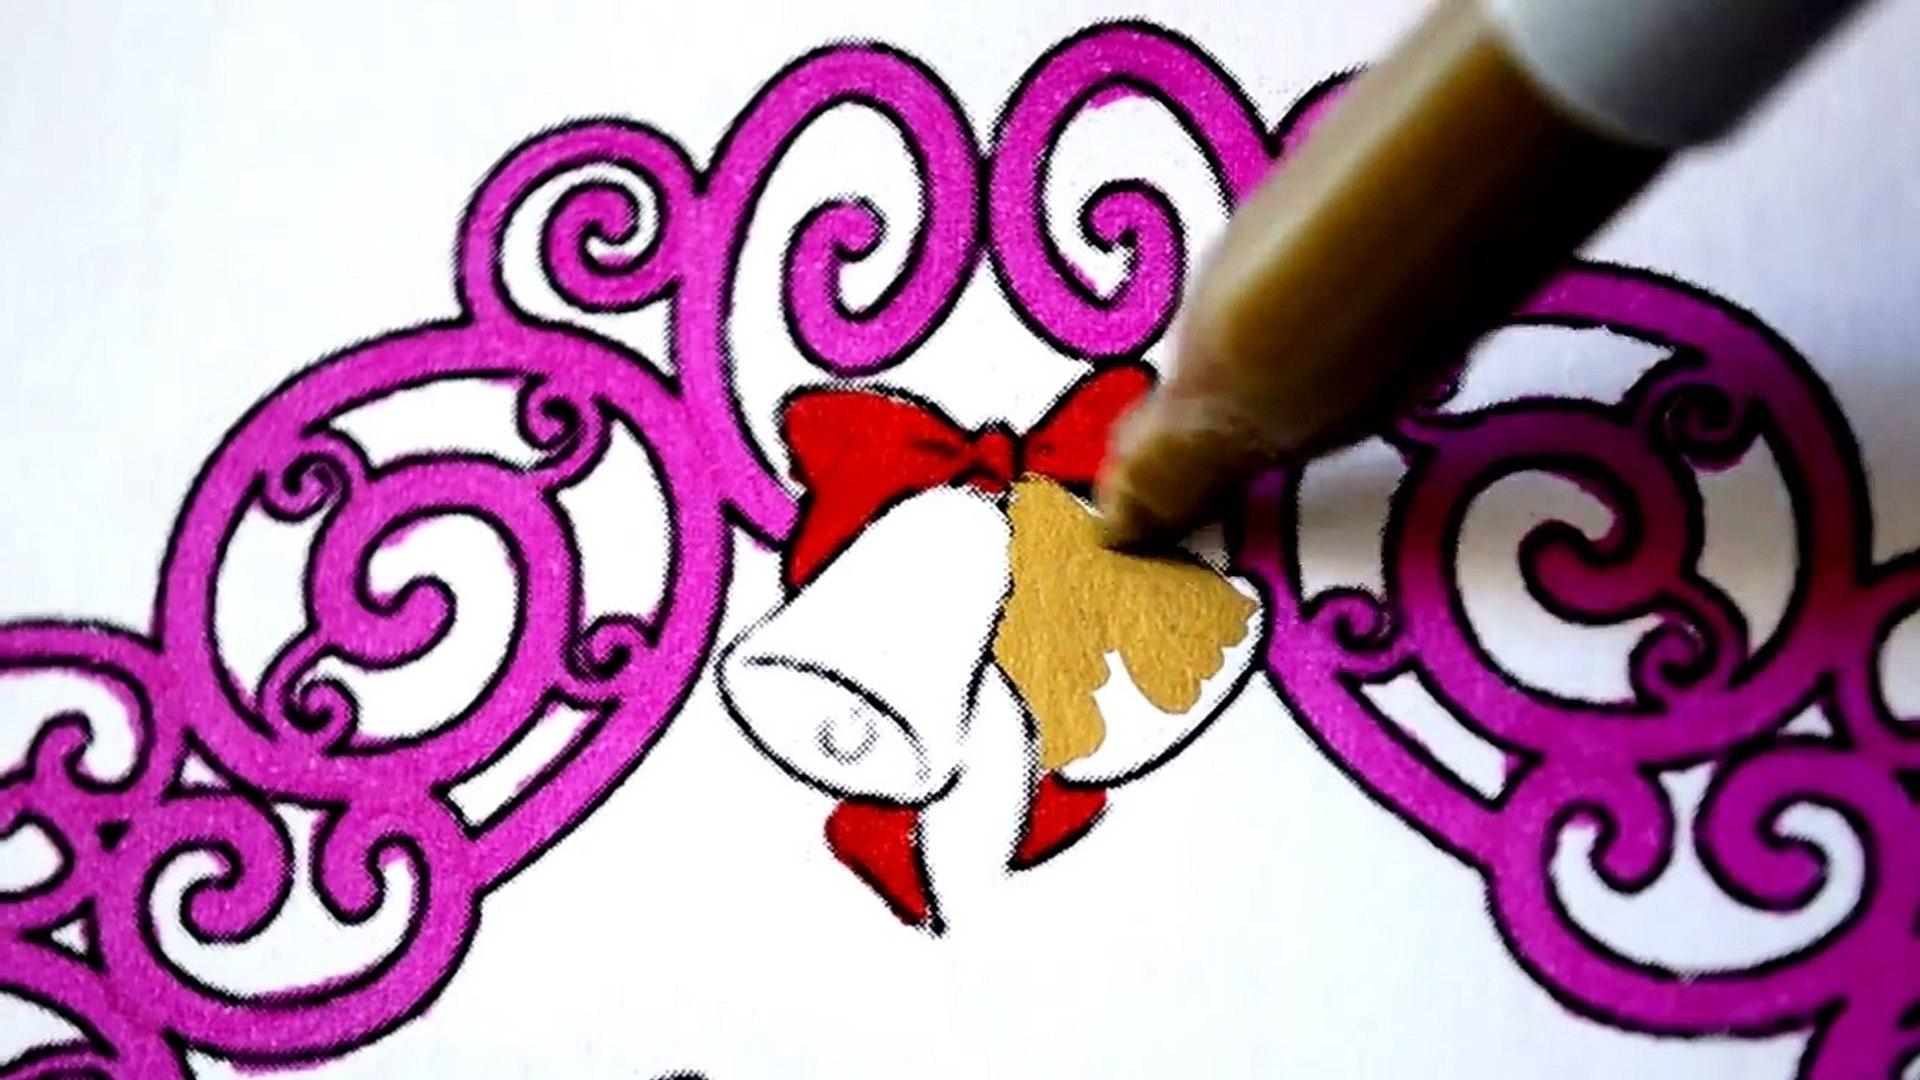 Kids Cartoons Disney Princess Tiana Coloring Book Page Fun Art for kids Activities